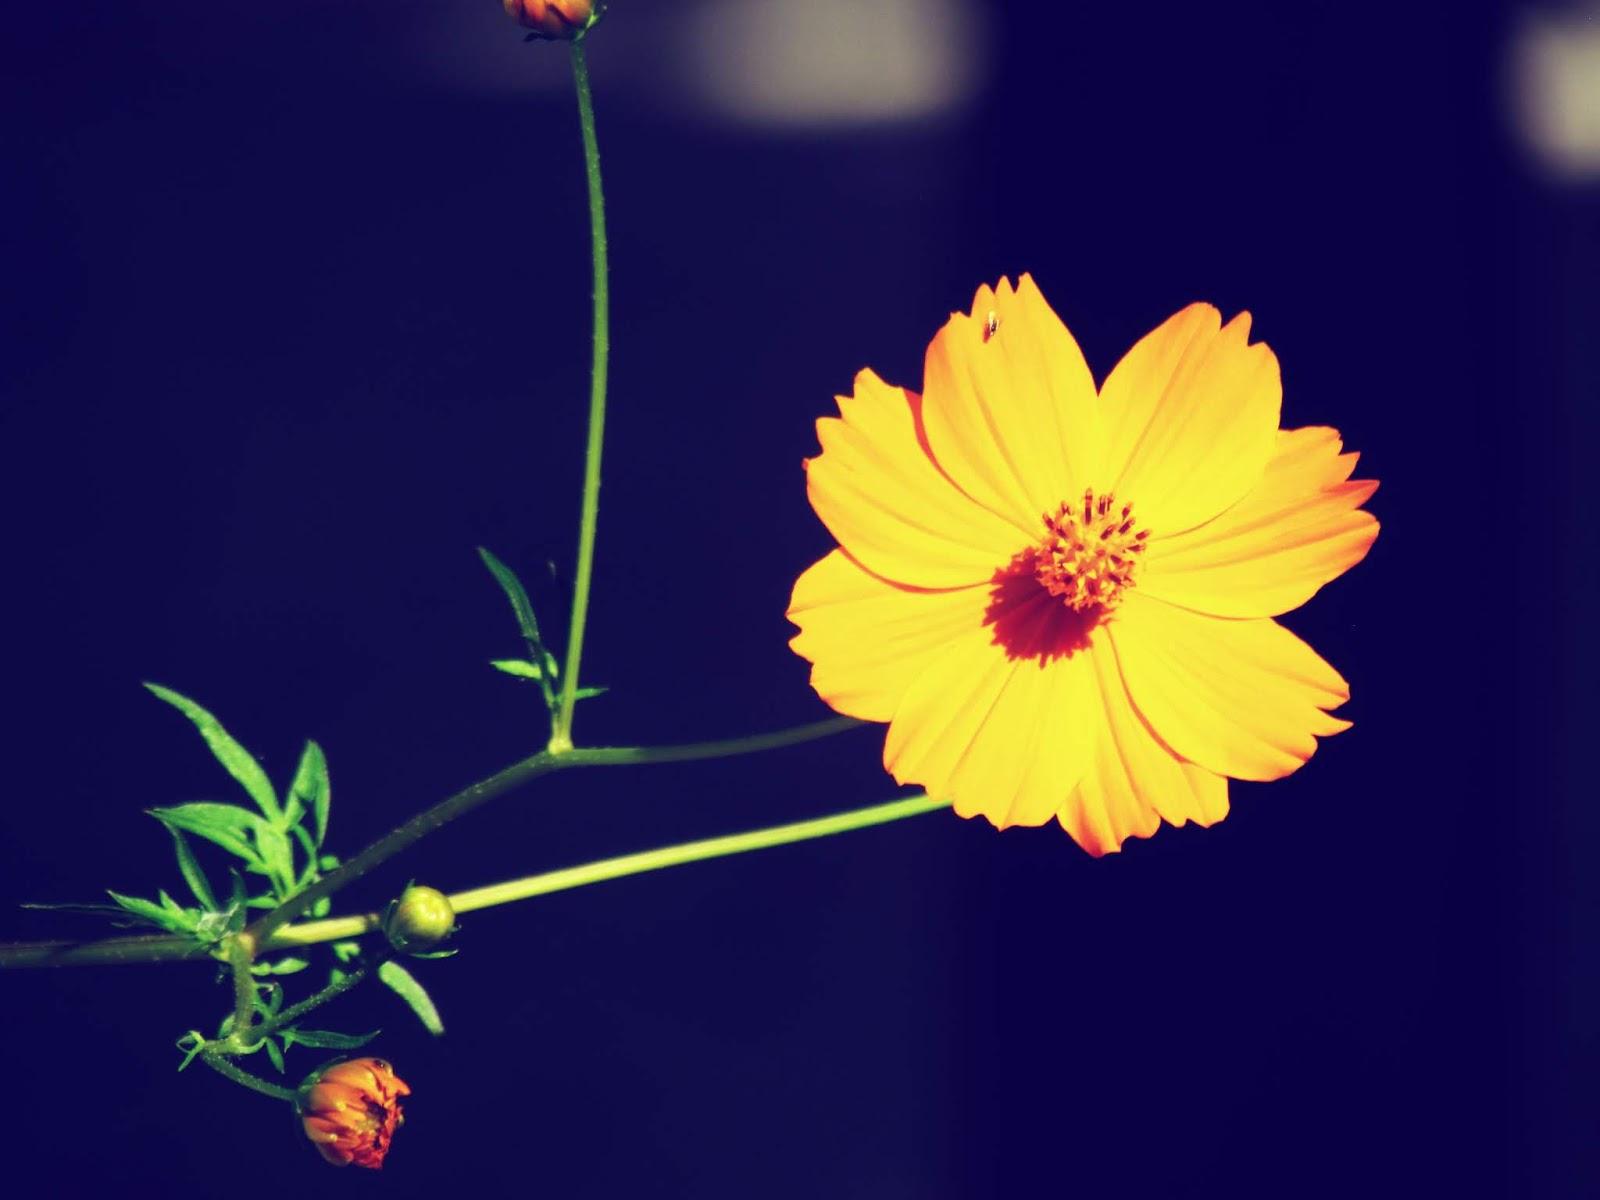 Orange Flowers in a butterfly garden in Hammock Park, Gloom and Glow lighting